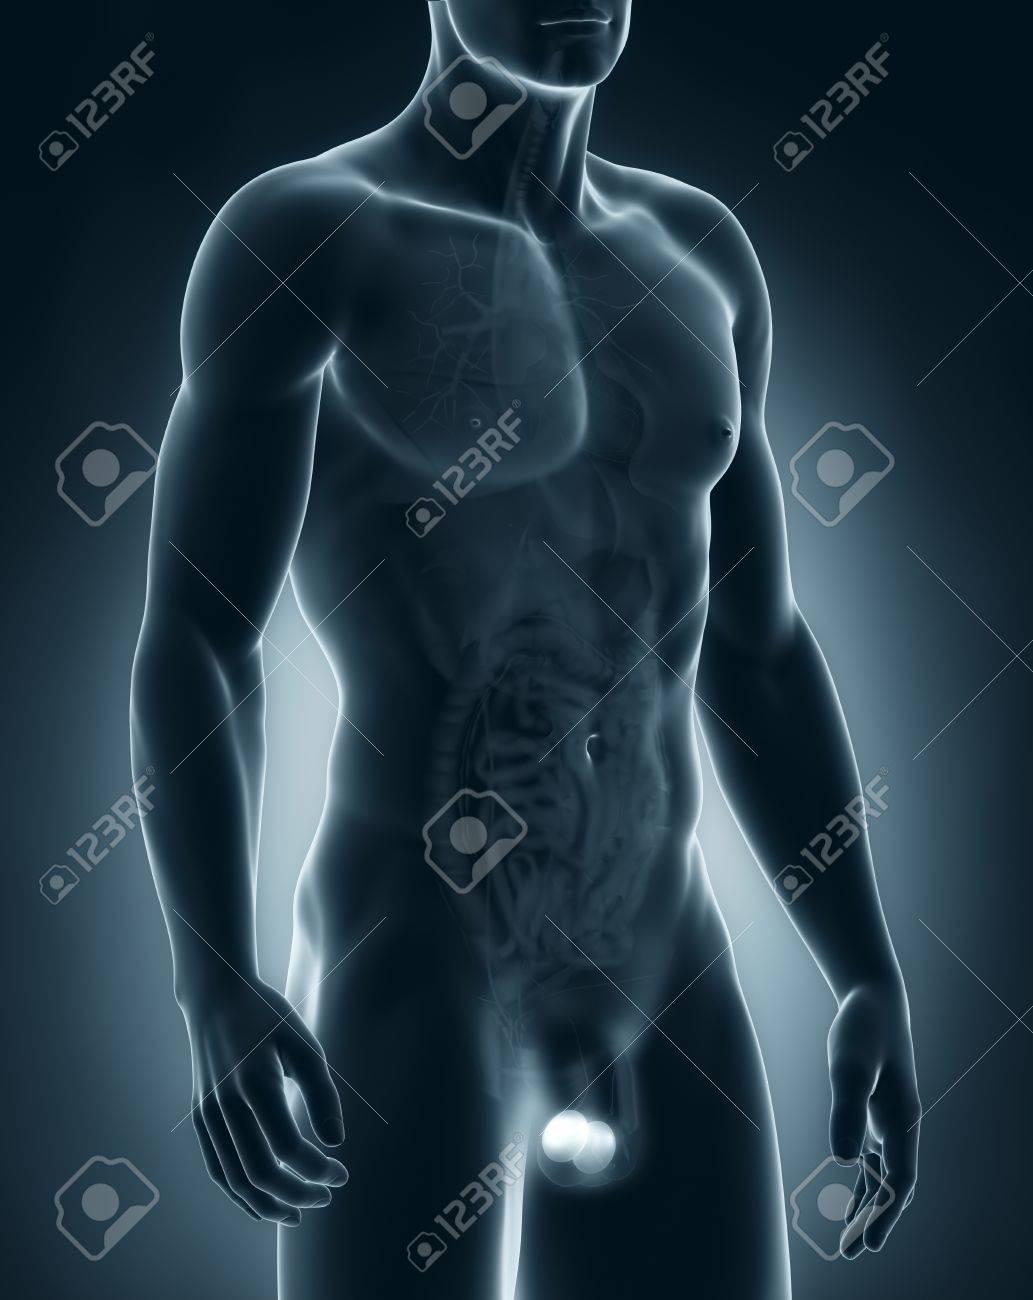 男性の睾丸の解剖学 の写真素材 画像素材 Image